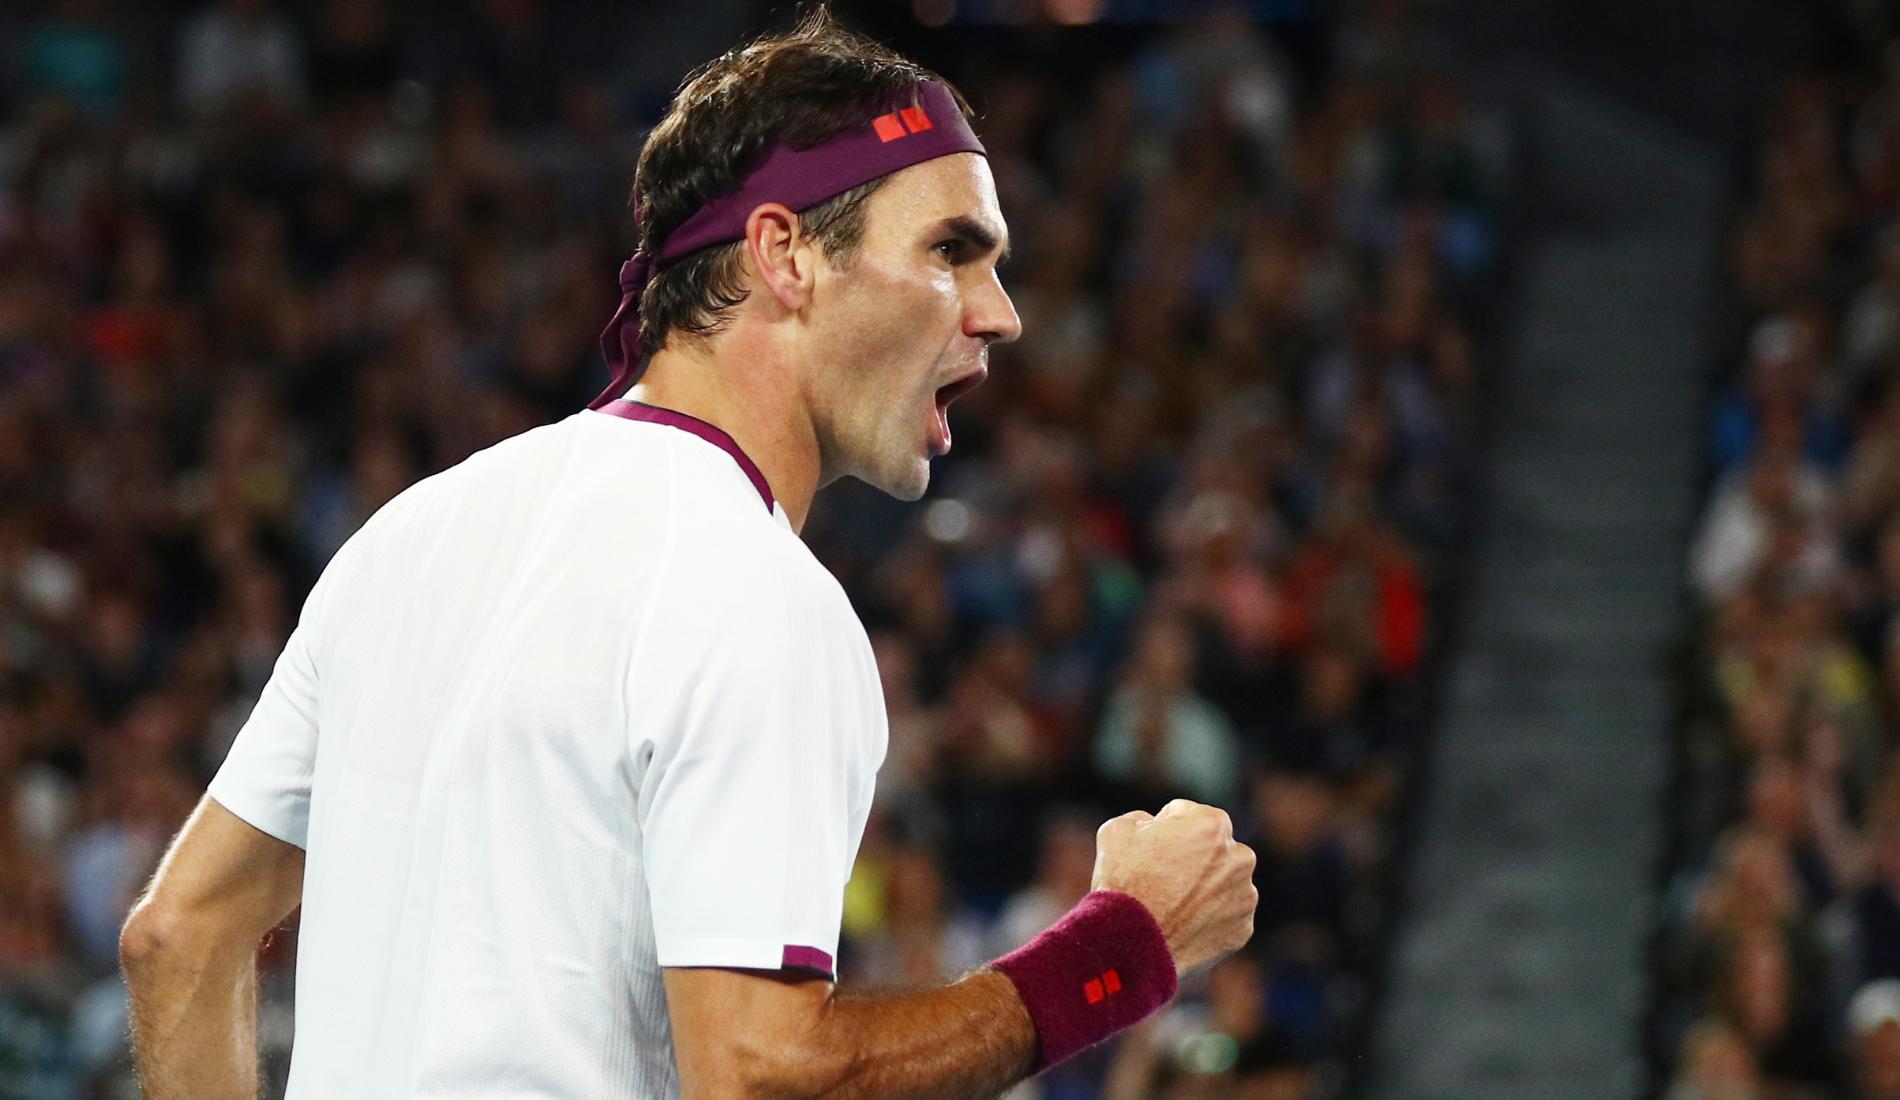 Federer - Millman - Australian Open 2020